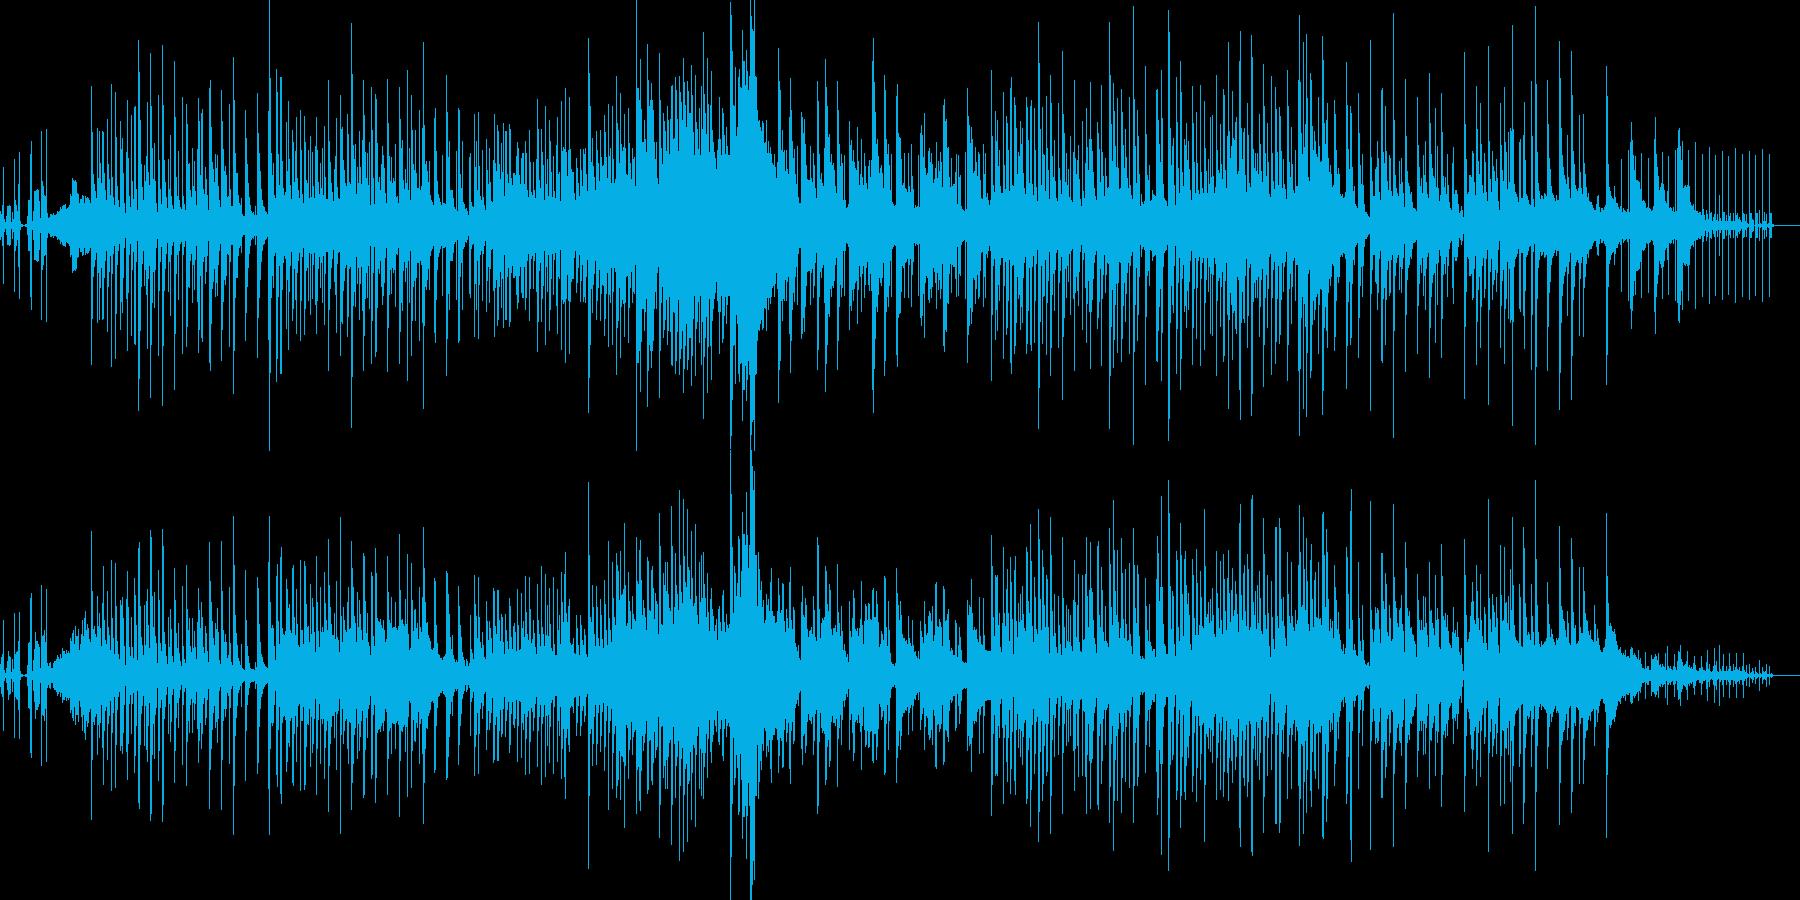 癒:時計の音で夜の静寂をイメージした曲の再生済みの波形